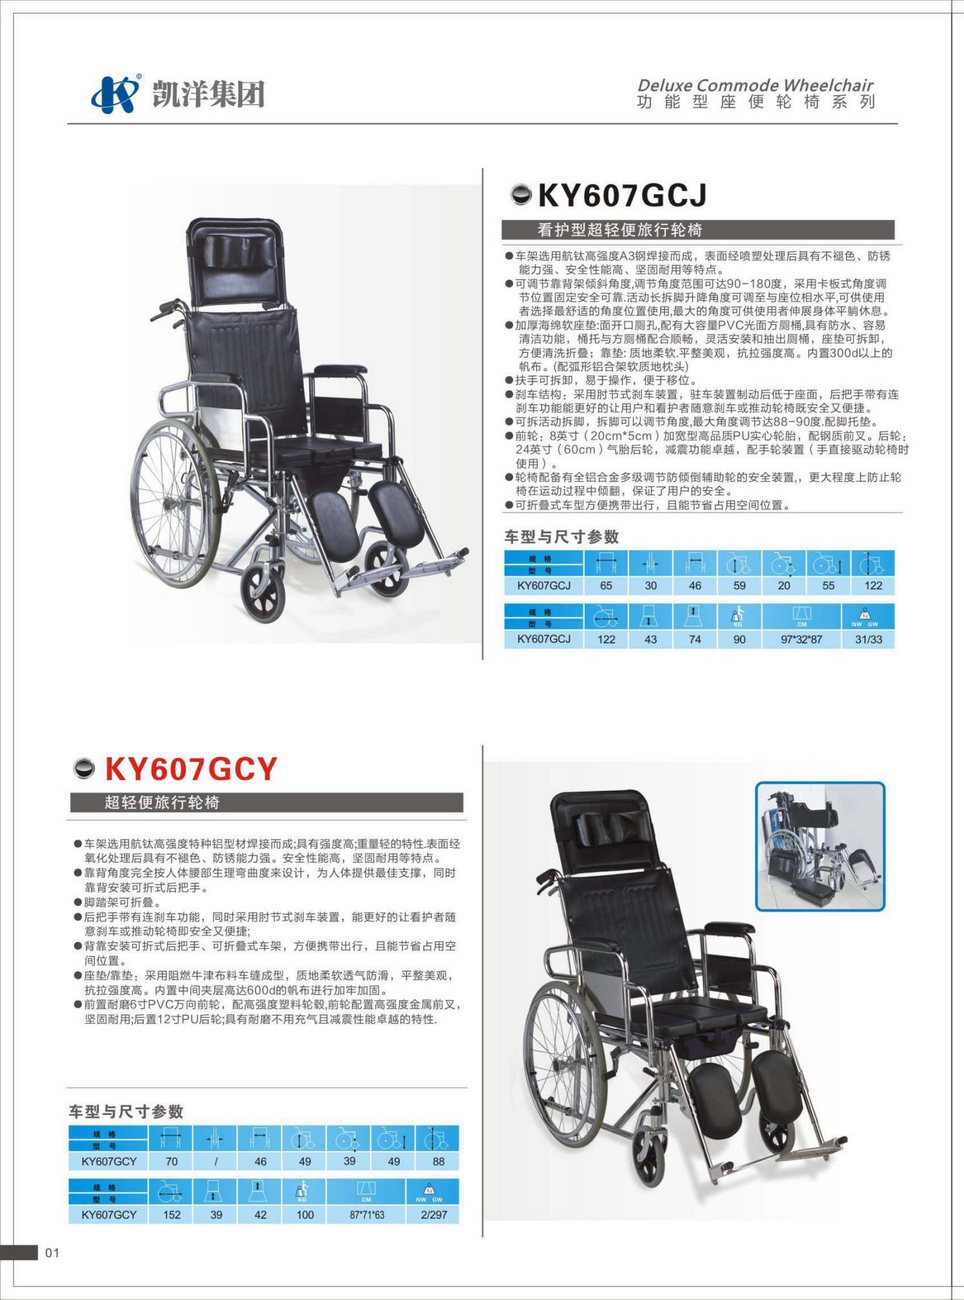 钢铝坐便手推轮椅车KY607GCJ(座宽46cm)